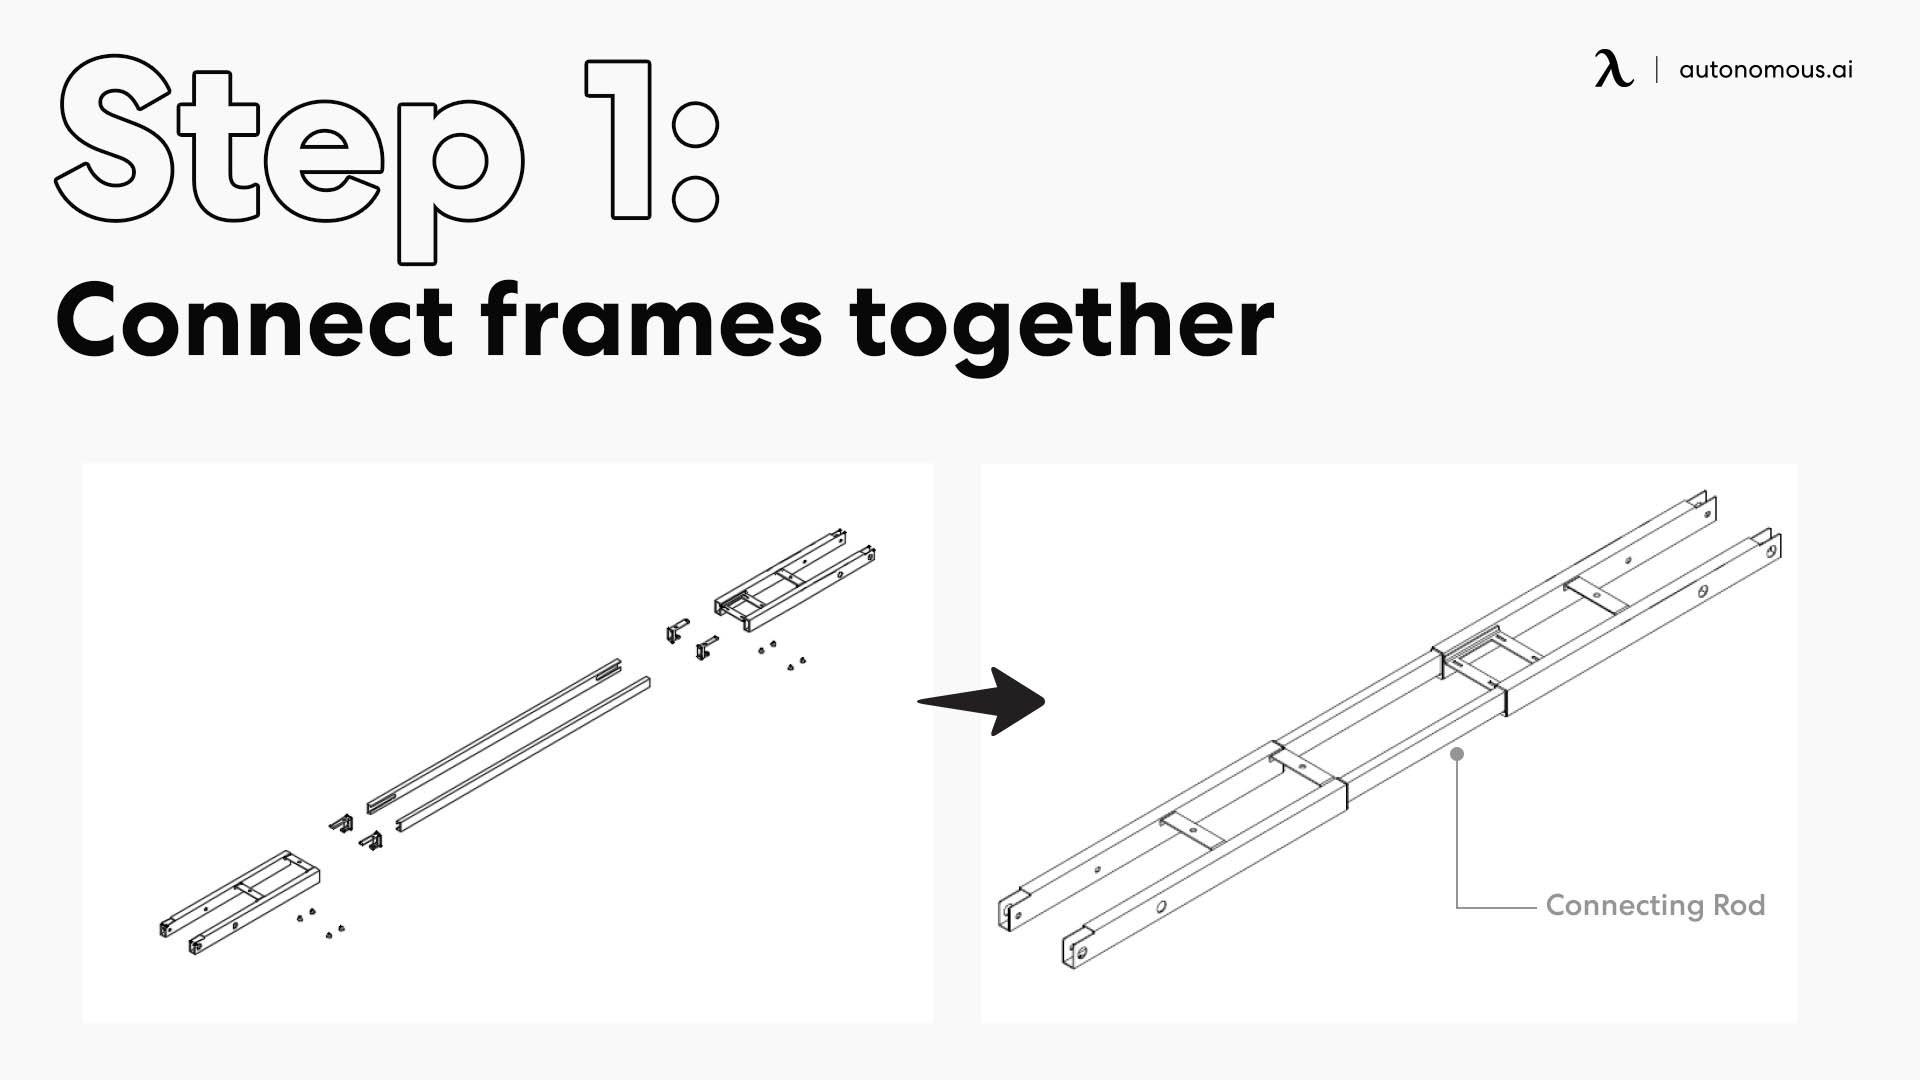 Connect frames together